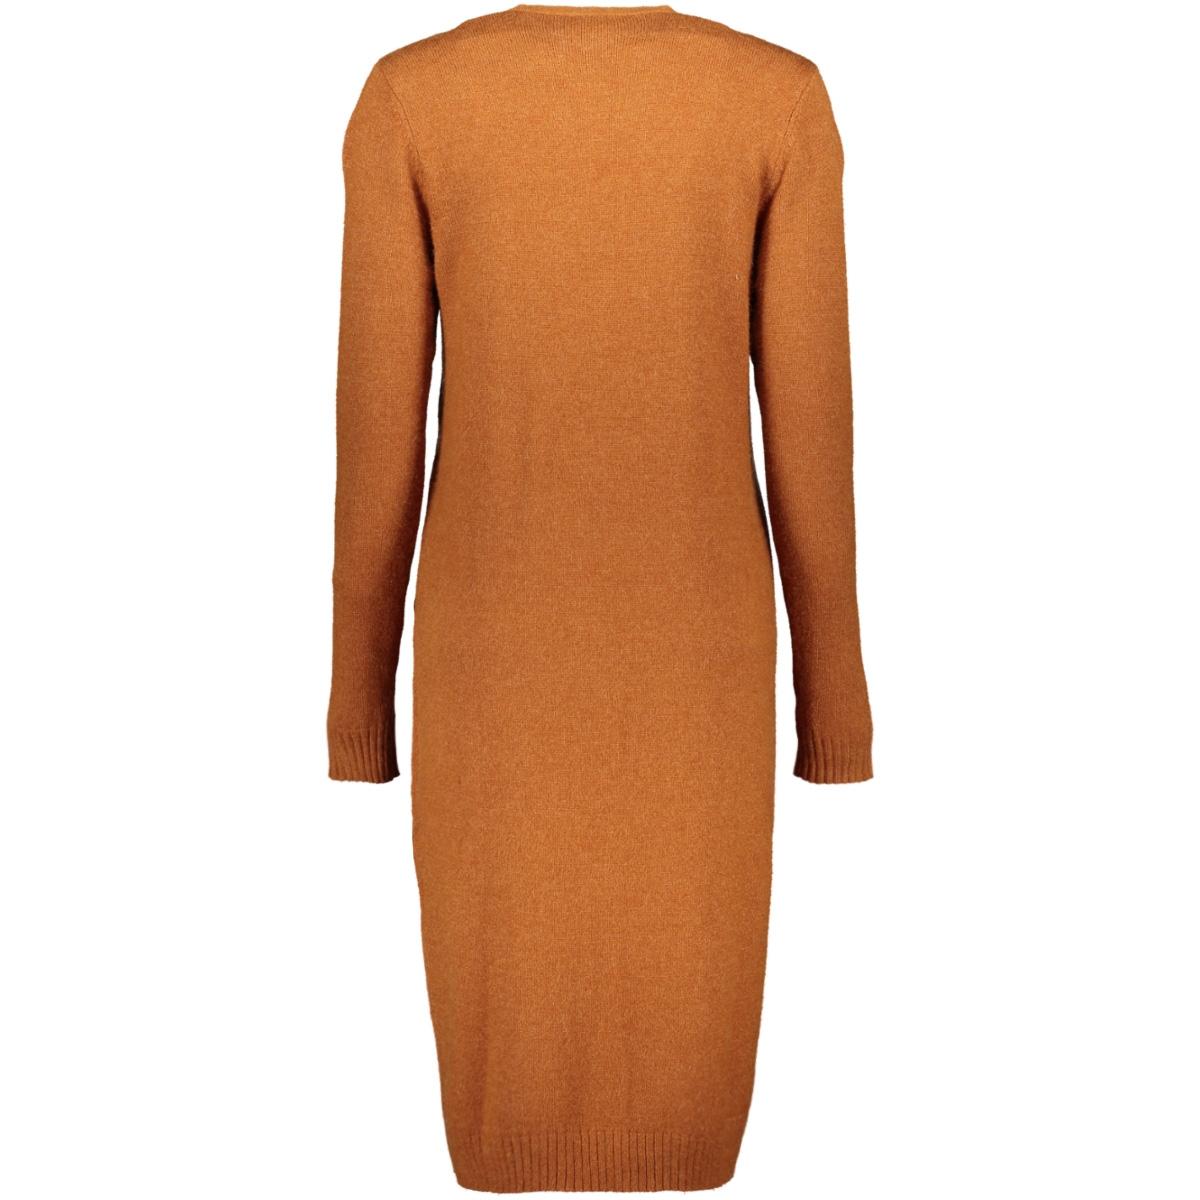 viril l/s long knit cardigan-fav 14043282 vila vest caramel cafe/melange